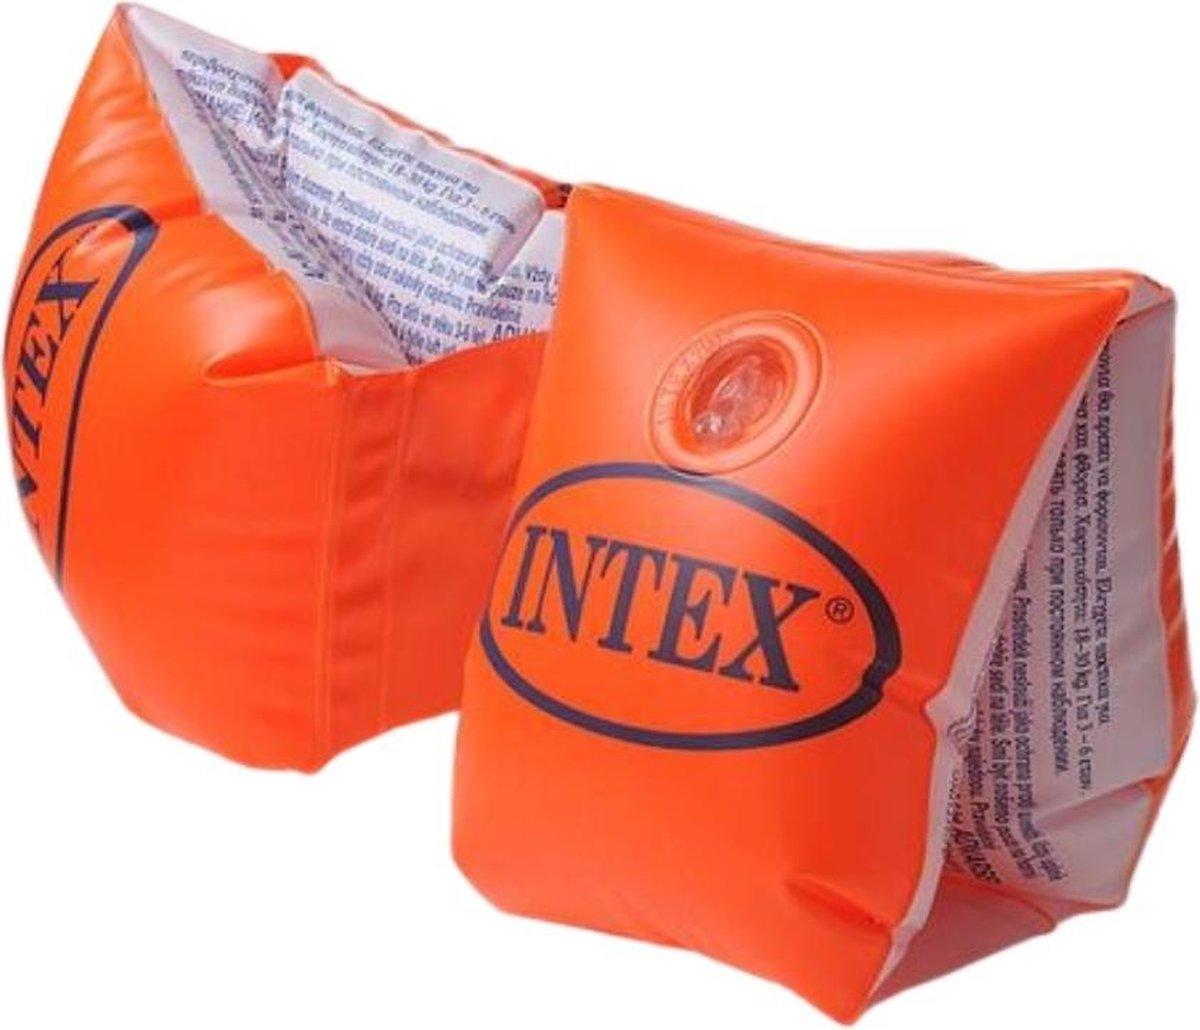 Intex Zwembandjes - Large - Oranje - Deluxe - Zwemvleugels - Baby - 1 jaar - 6-12 jaar - Veiligheid - Zwemmen